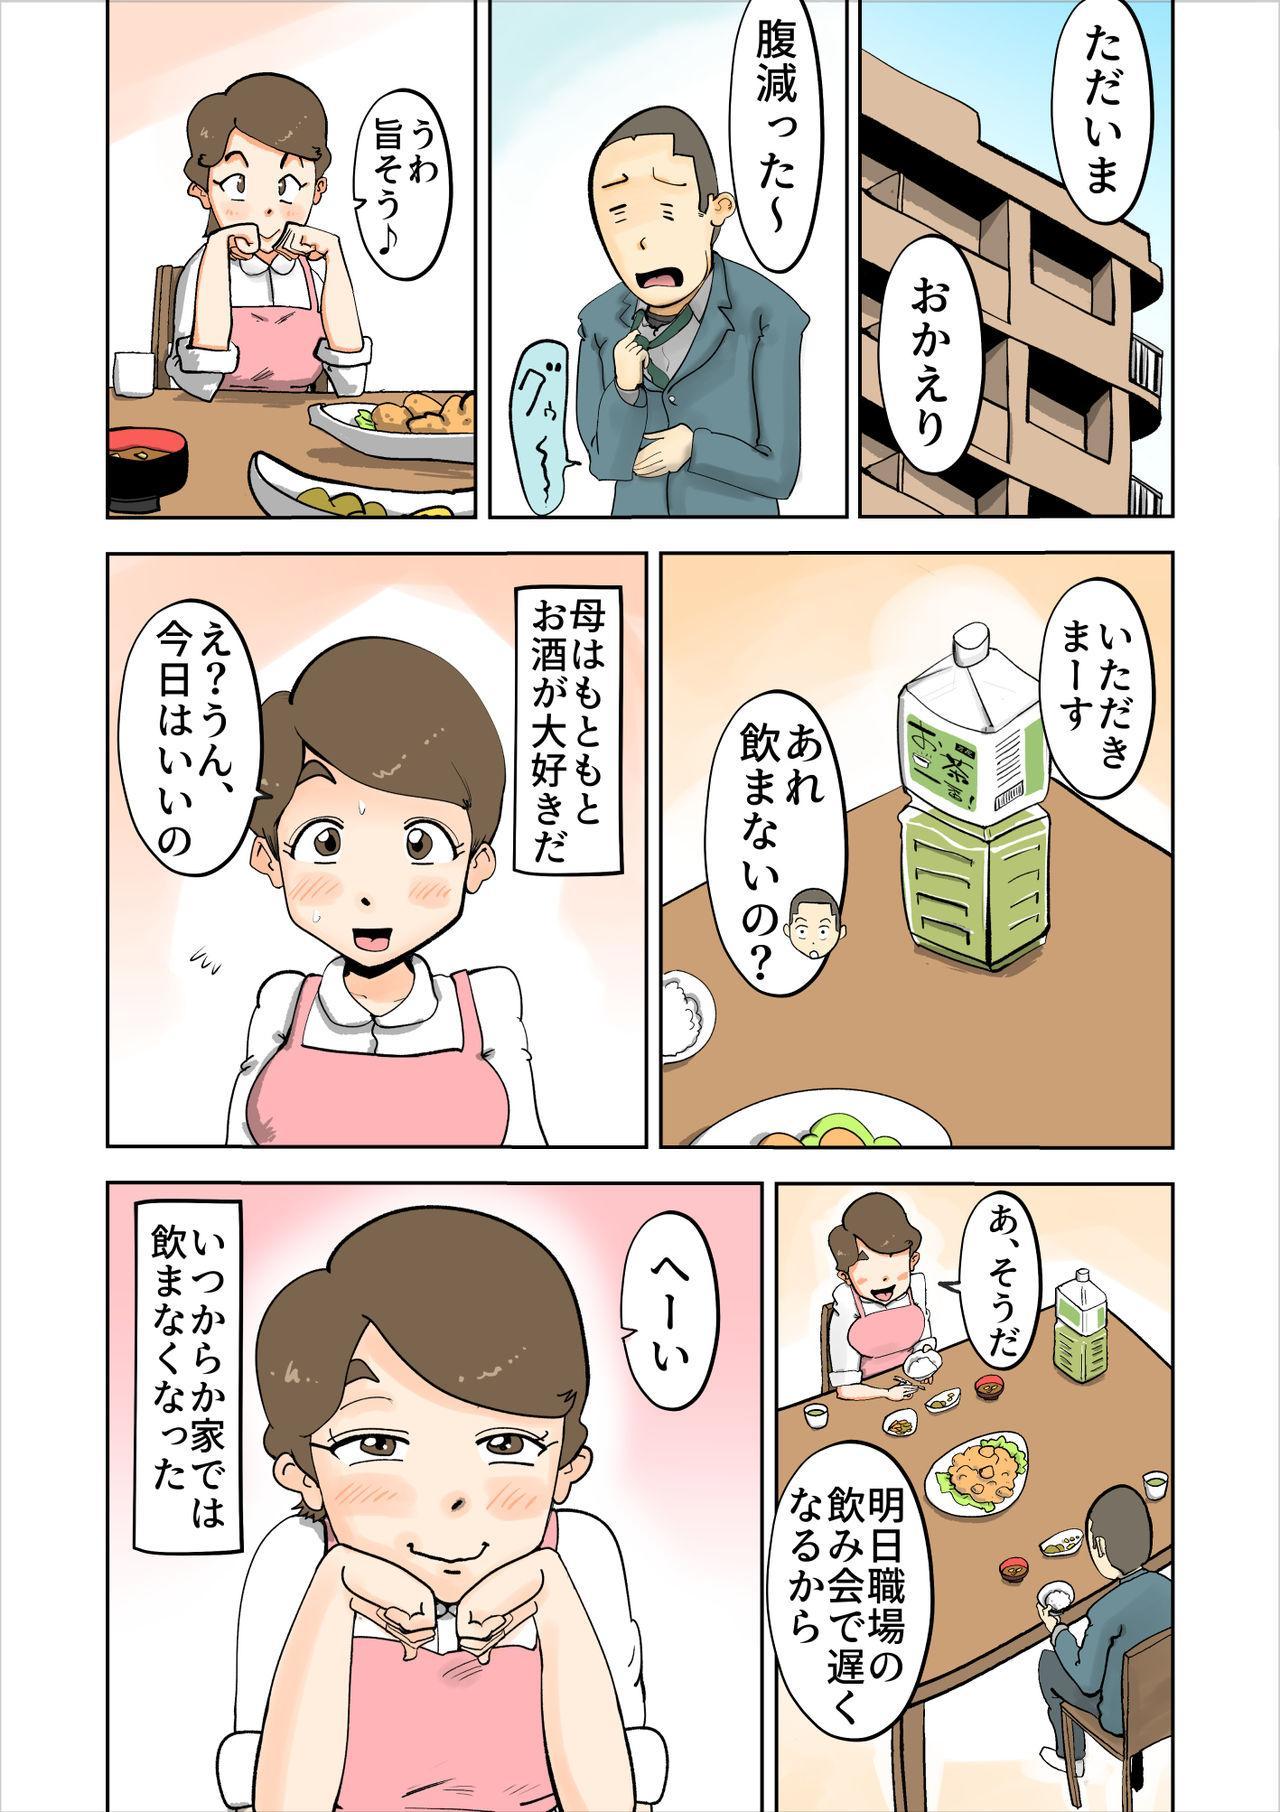 Yotta Hahaoya Ga Guigui Kuru Hanashi 3